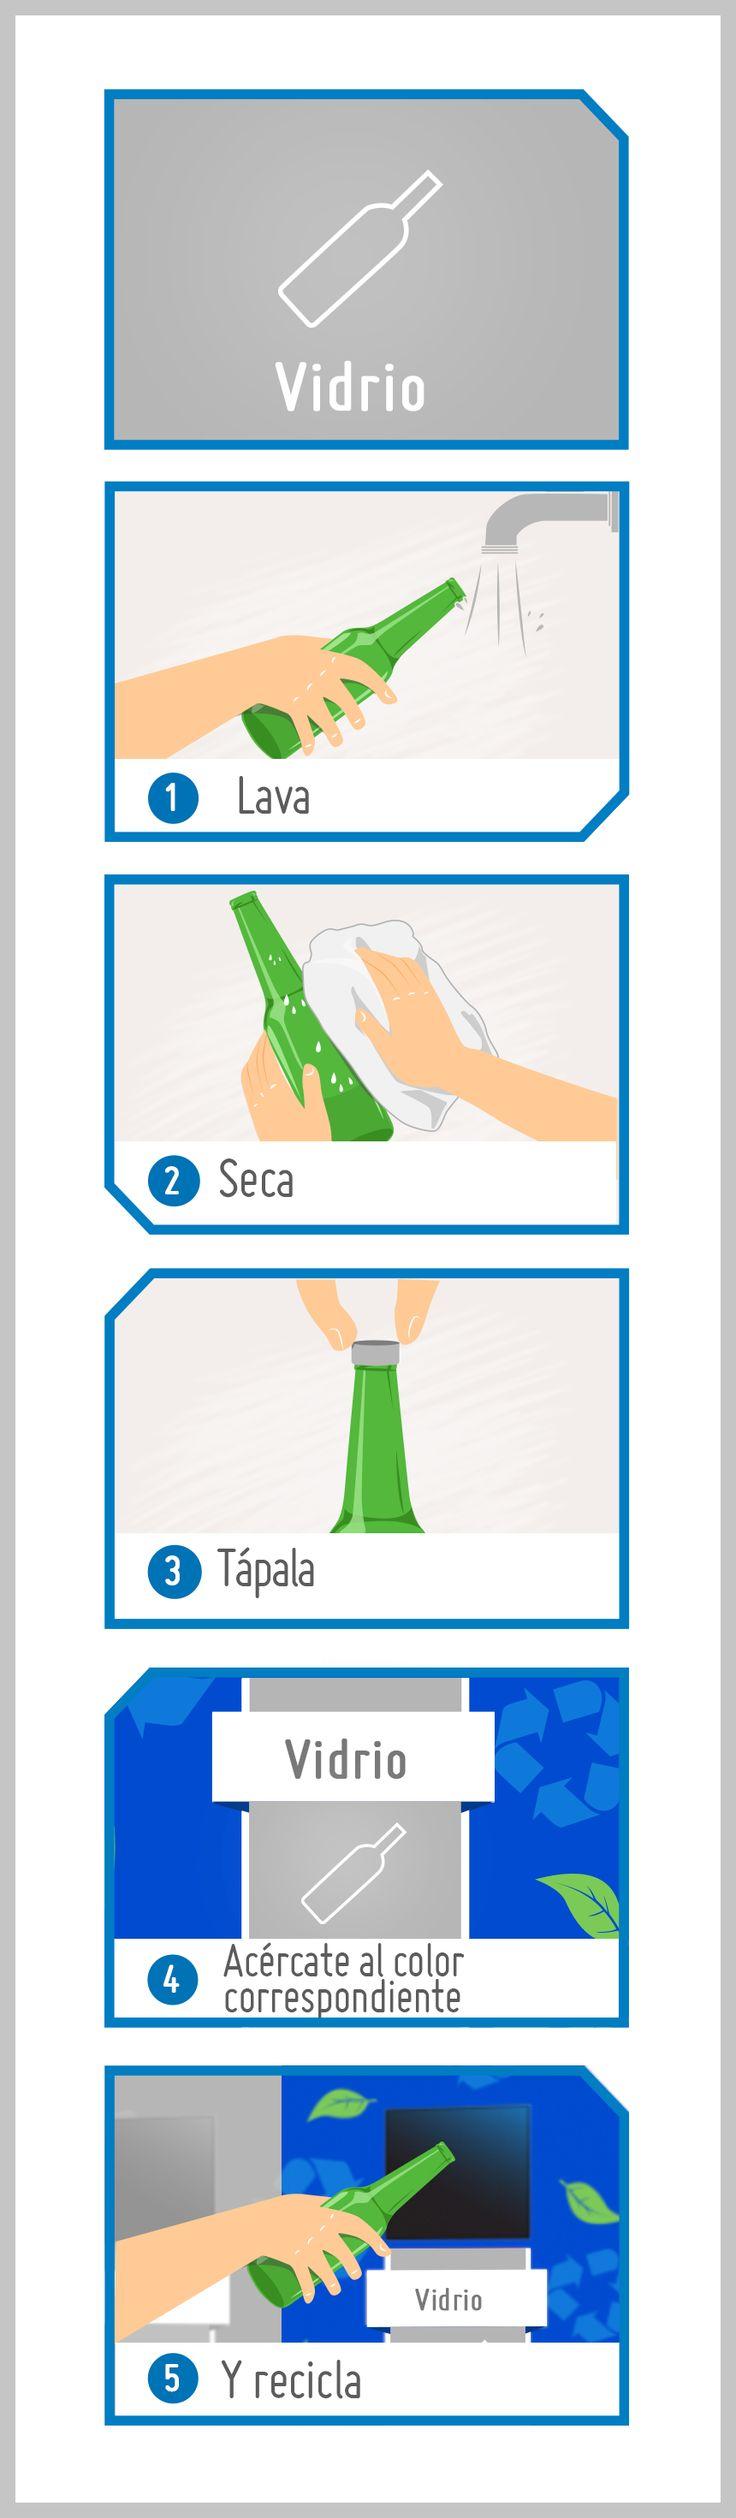 ¿Cómo reciclar? / ¿How to recycle? #recycle #recycling #reciclar #reciclaje #cómohacer #howto #diy #hum #SODIMACRecicla